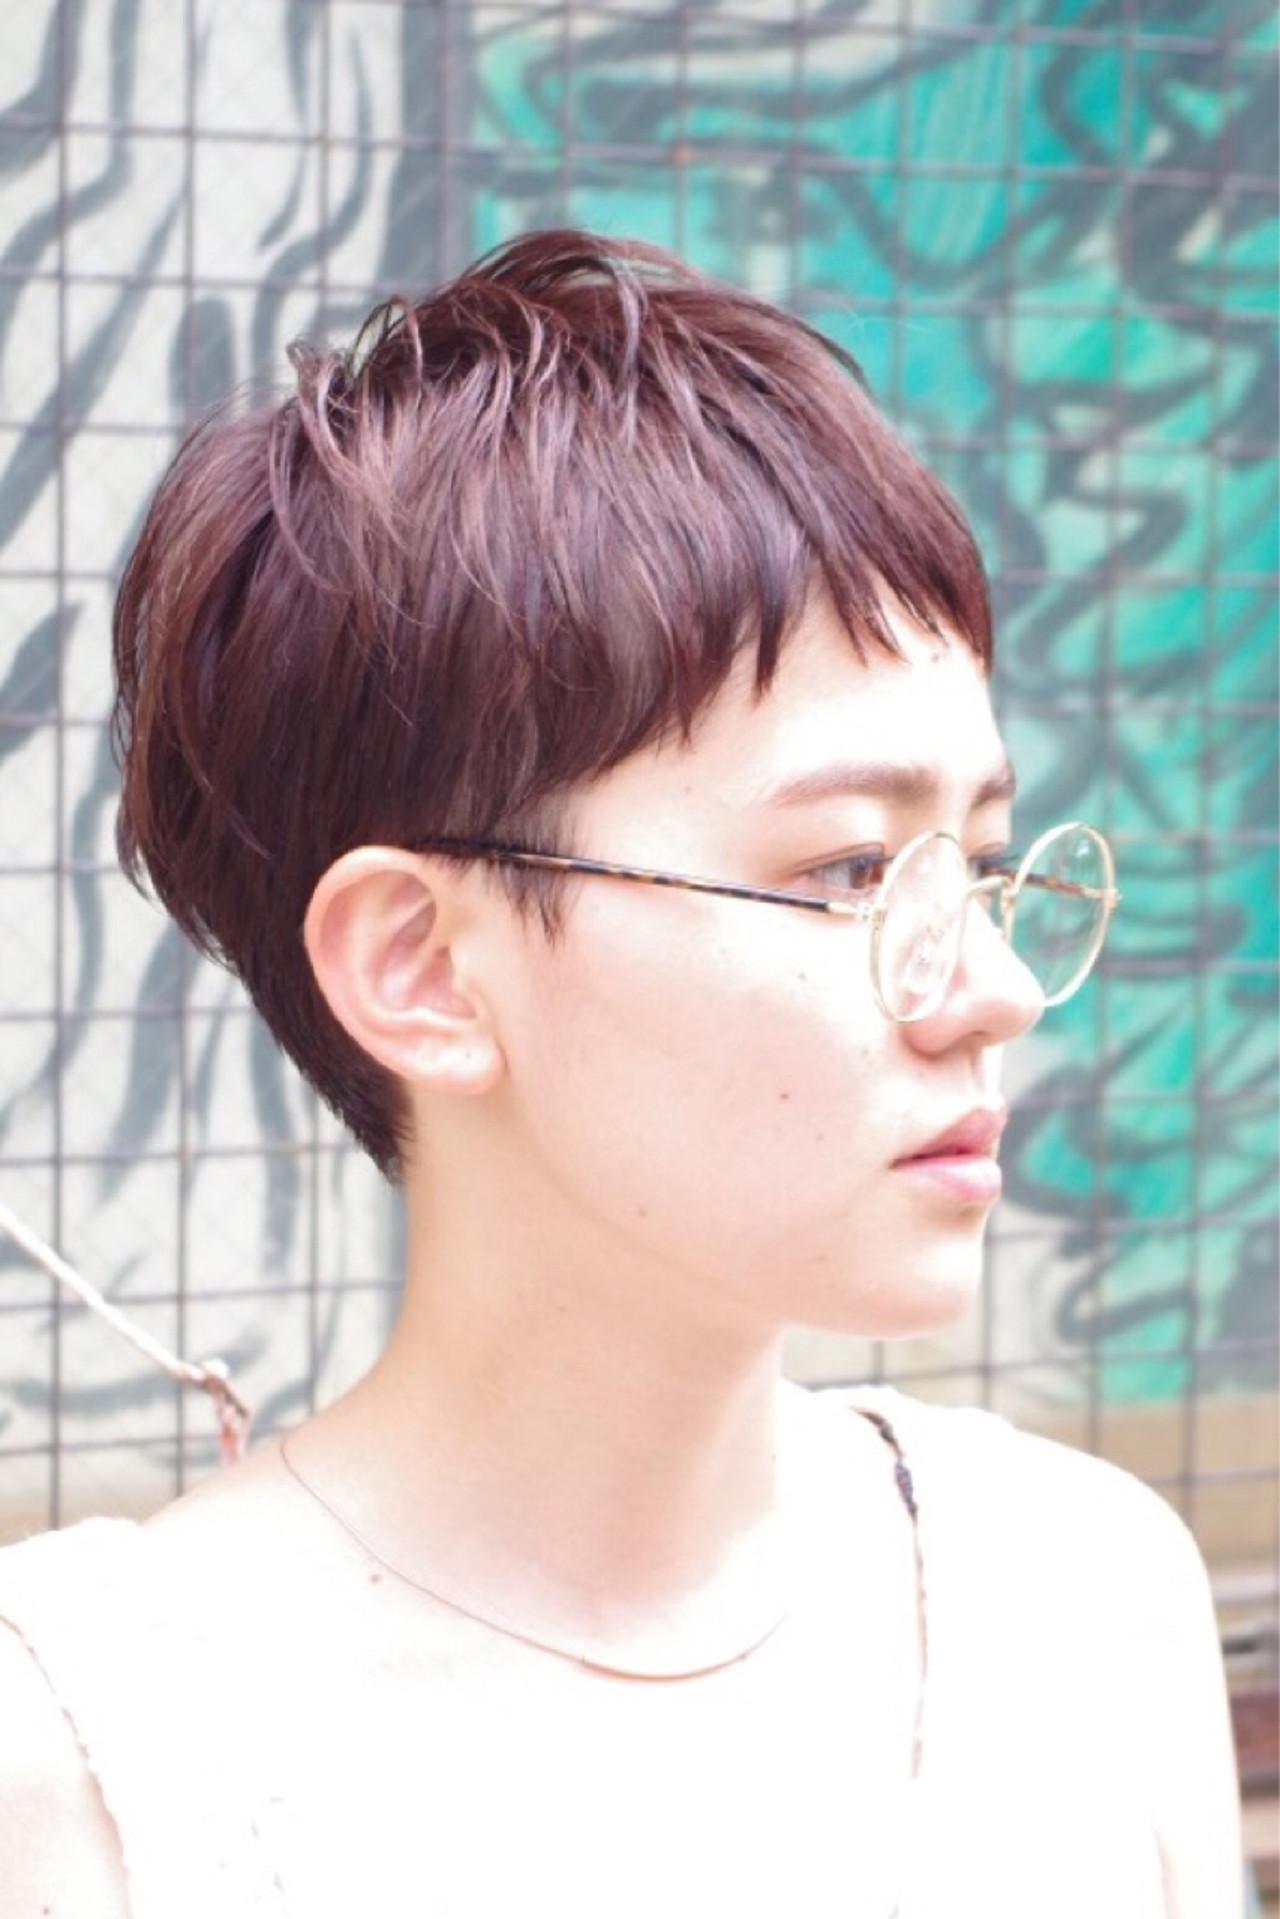 ハイライト ショート ピュア ウェットヘア ヘアスタイルや髪型の写真・画像 | Nao Kokubun blast / blast